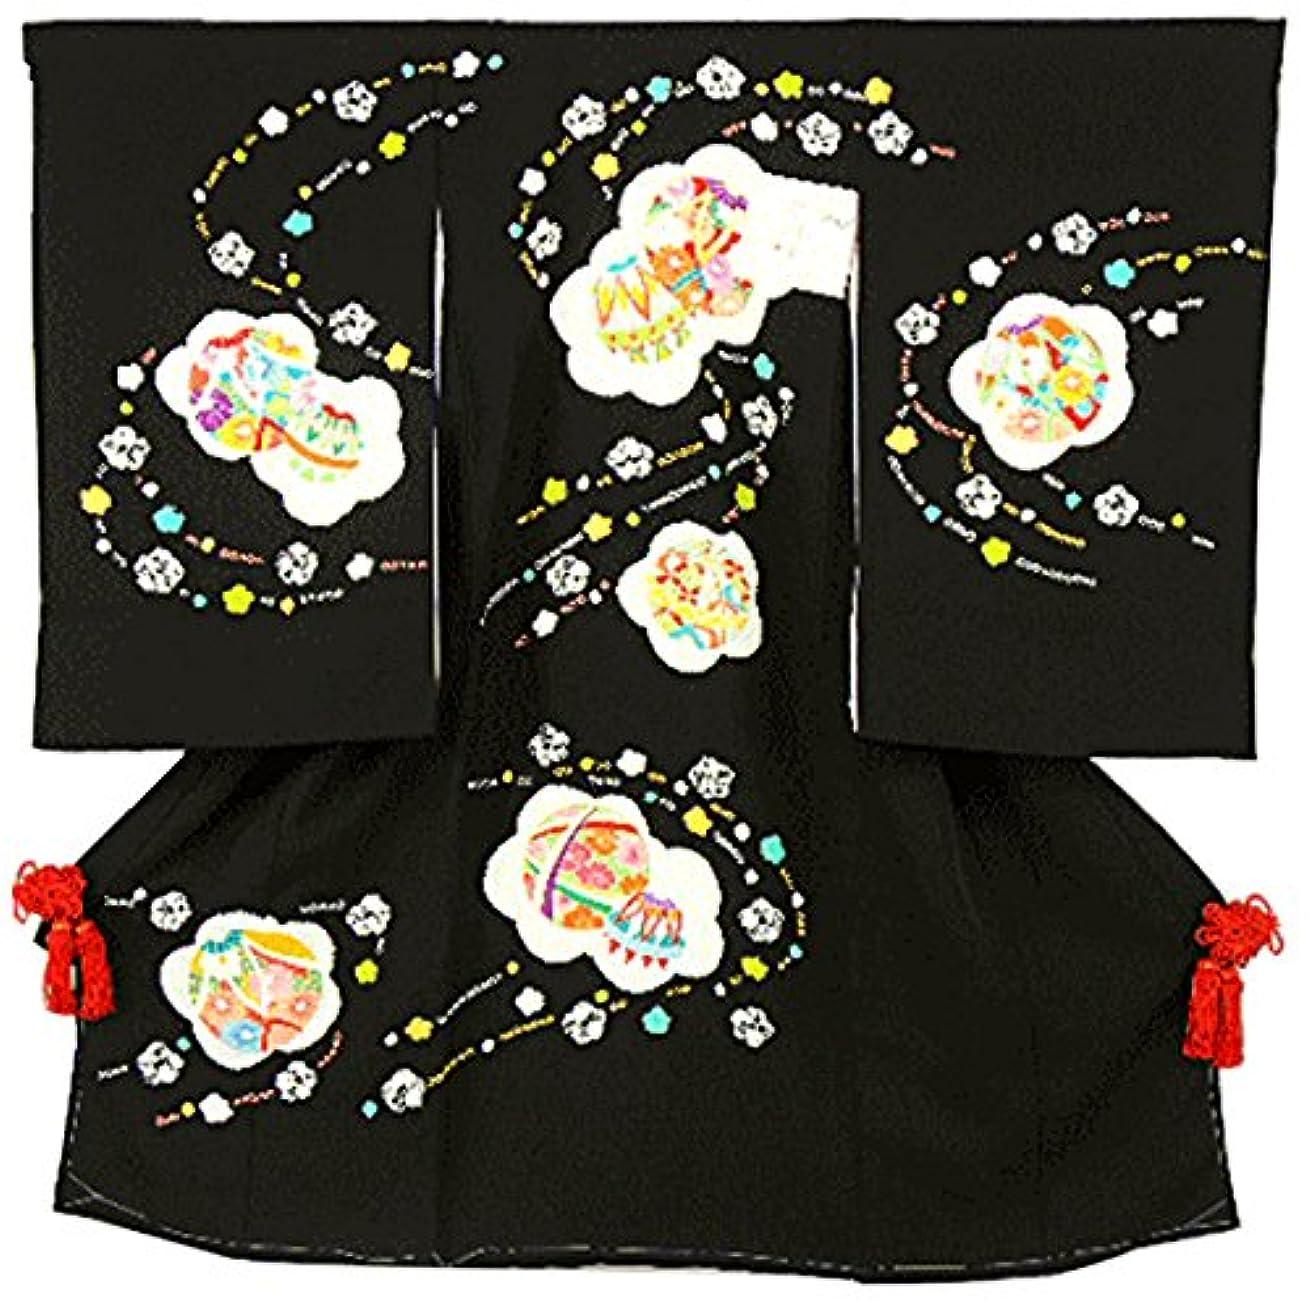 ディスクトレーニング市民権宮参り着物 -34- 熨斗目 女の子用 絞り 黒 花柄